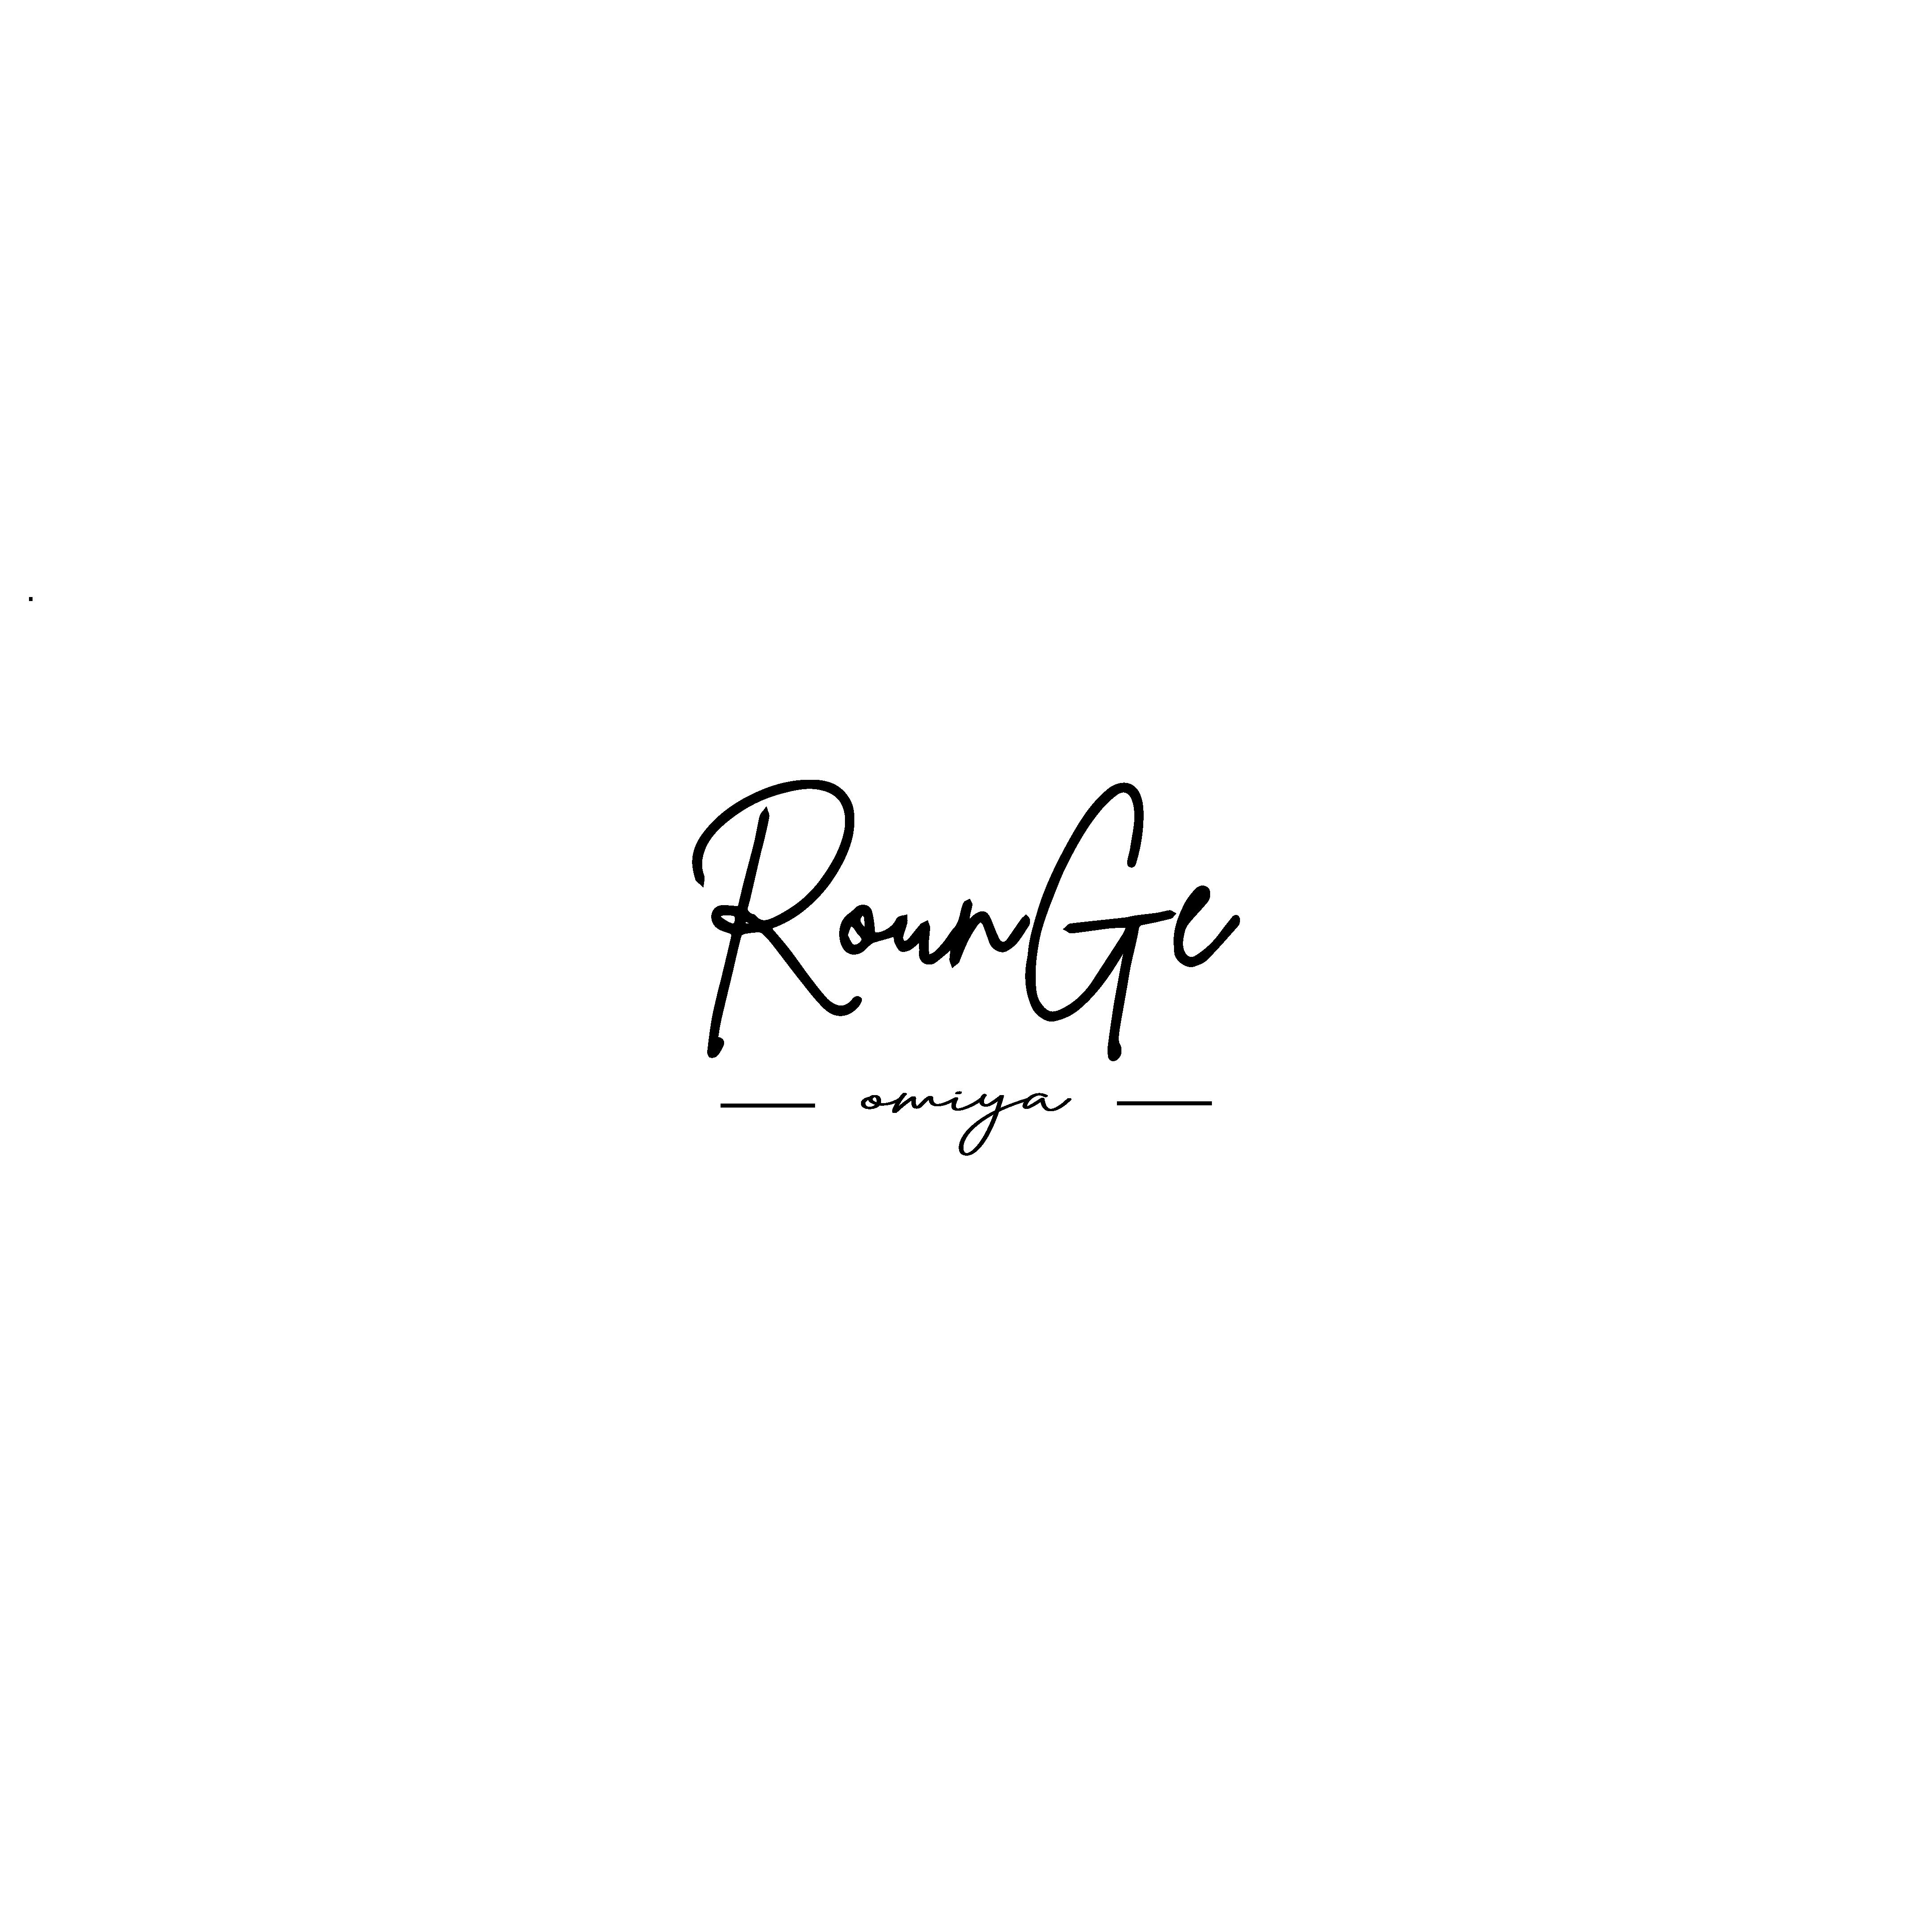 ネイルサロン「」の写真